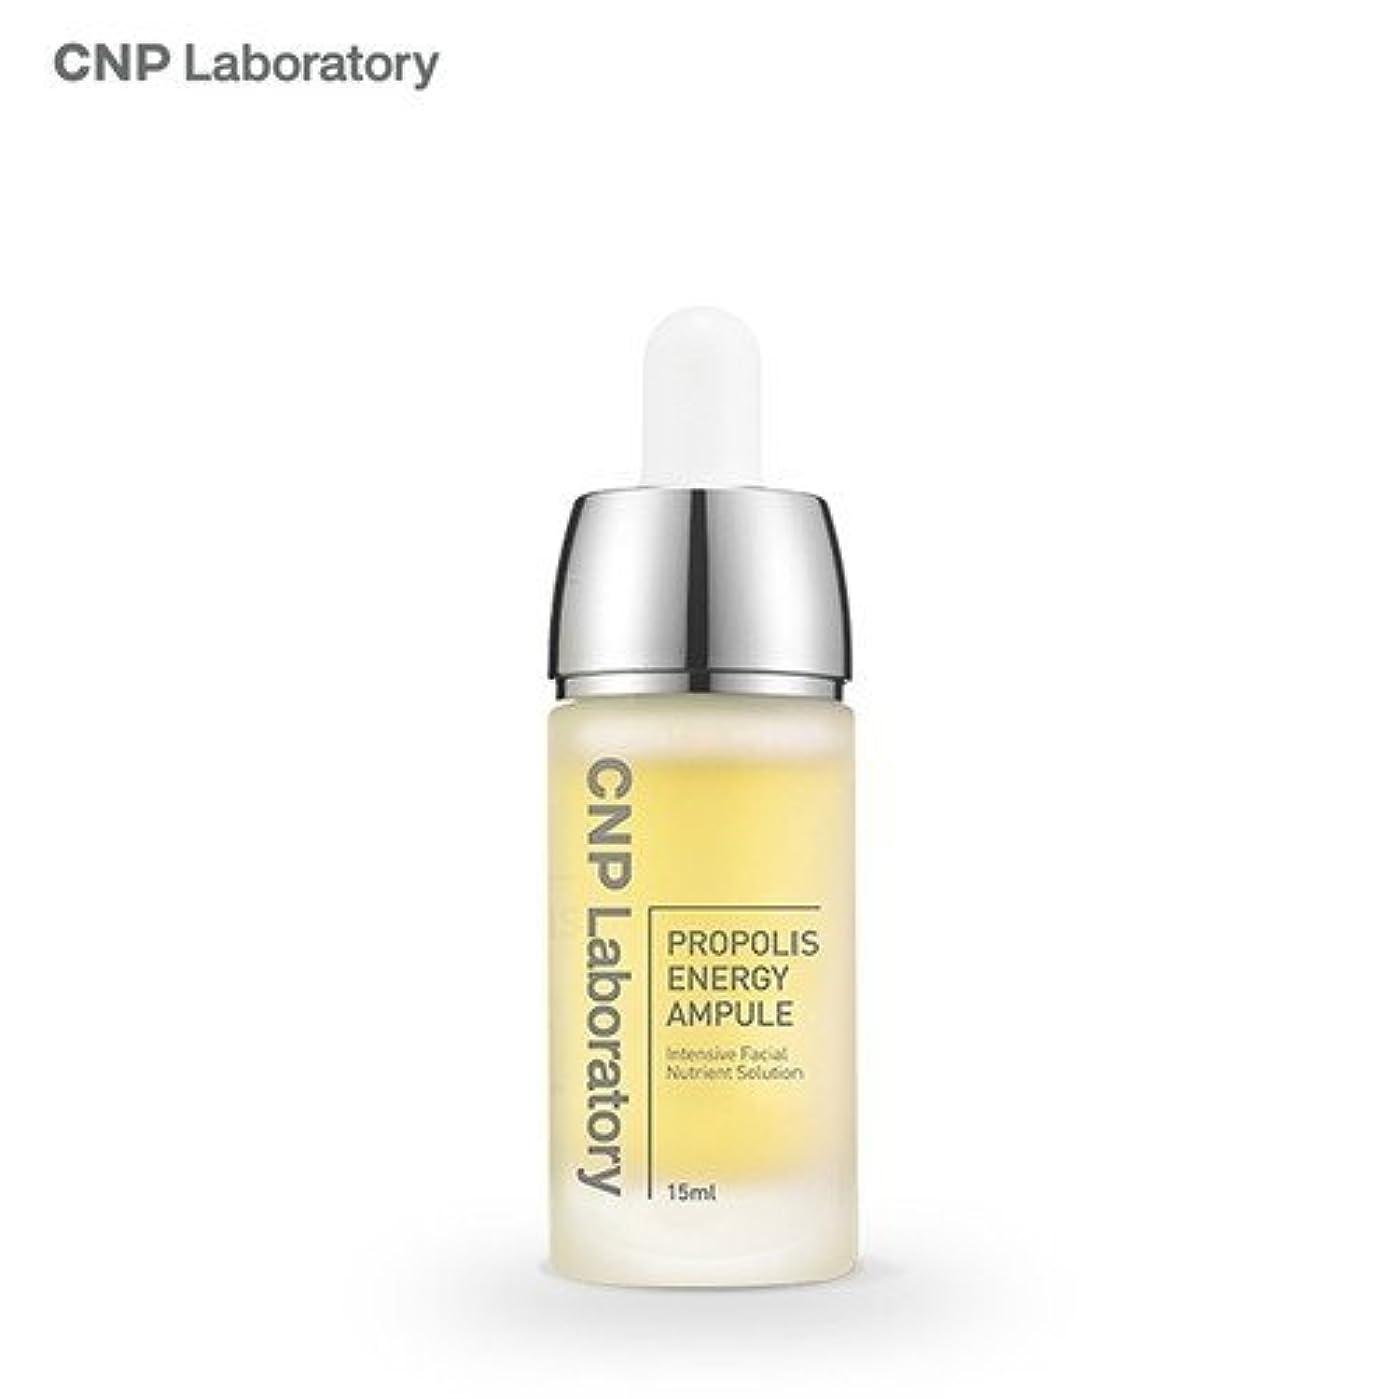 乱雑な休戦ストローチャエンパク プロポリスエネルギーアンプル 15ml / CNP Propolis Energy Ampule, Intensive Facial Nutrient Solution 15ml